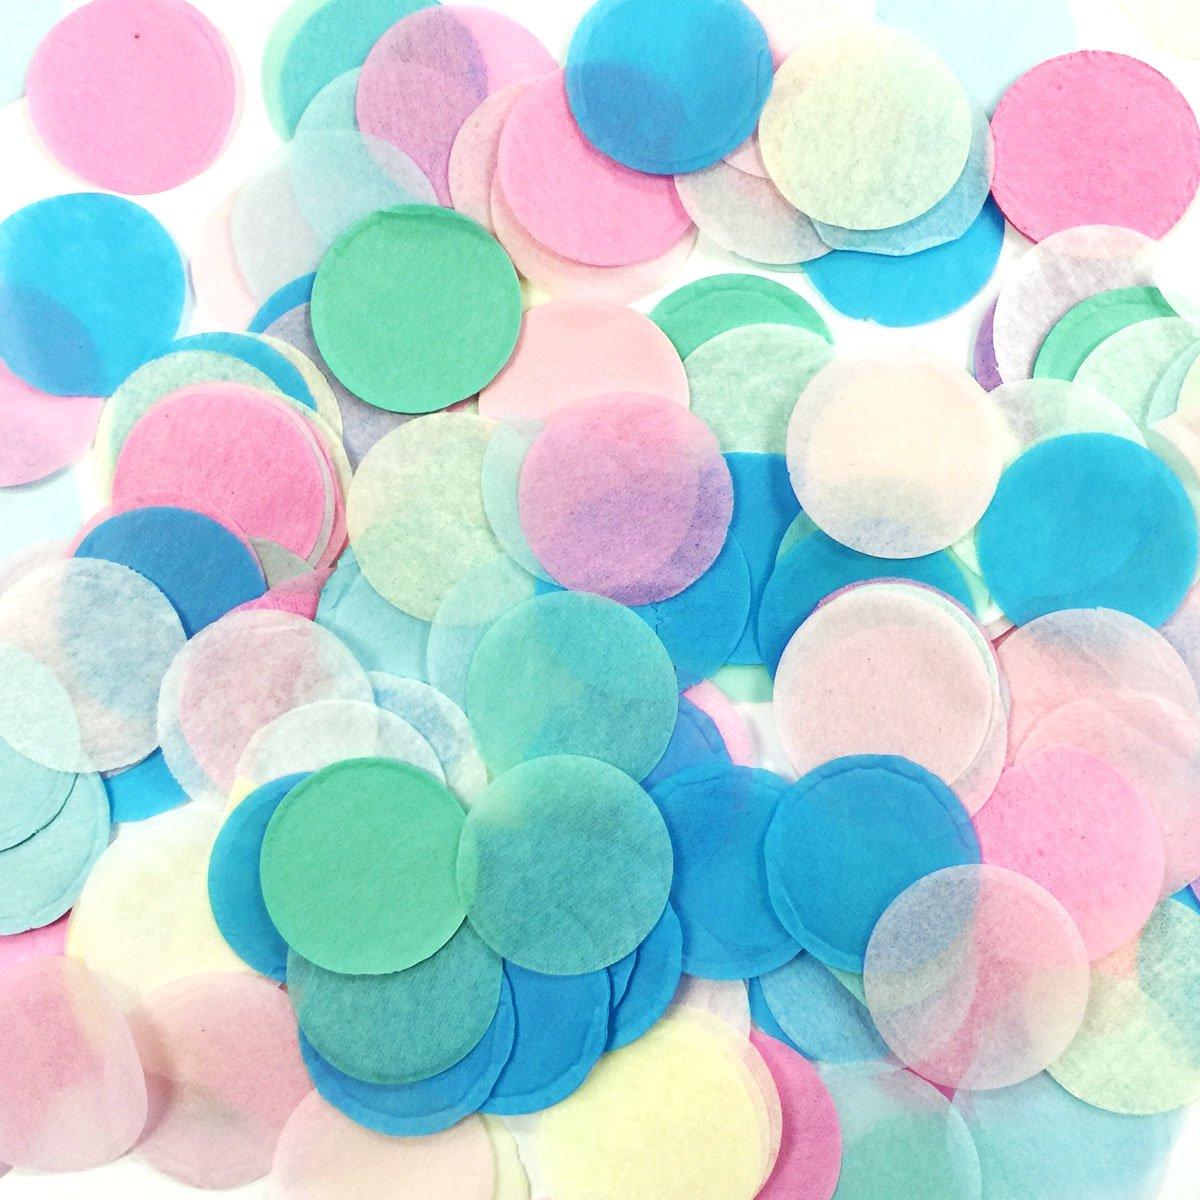 ALLYDREW Round Tissue Paper Confetti 1 Circle Confetti Pink